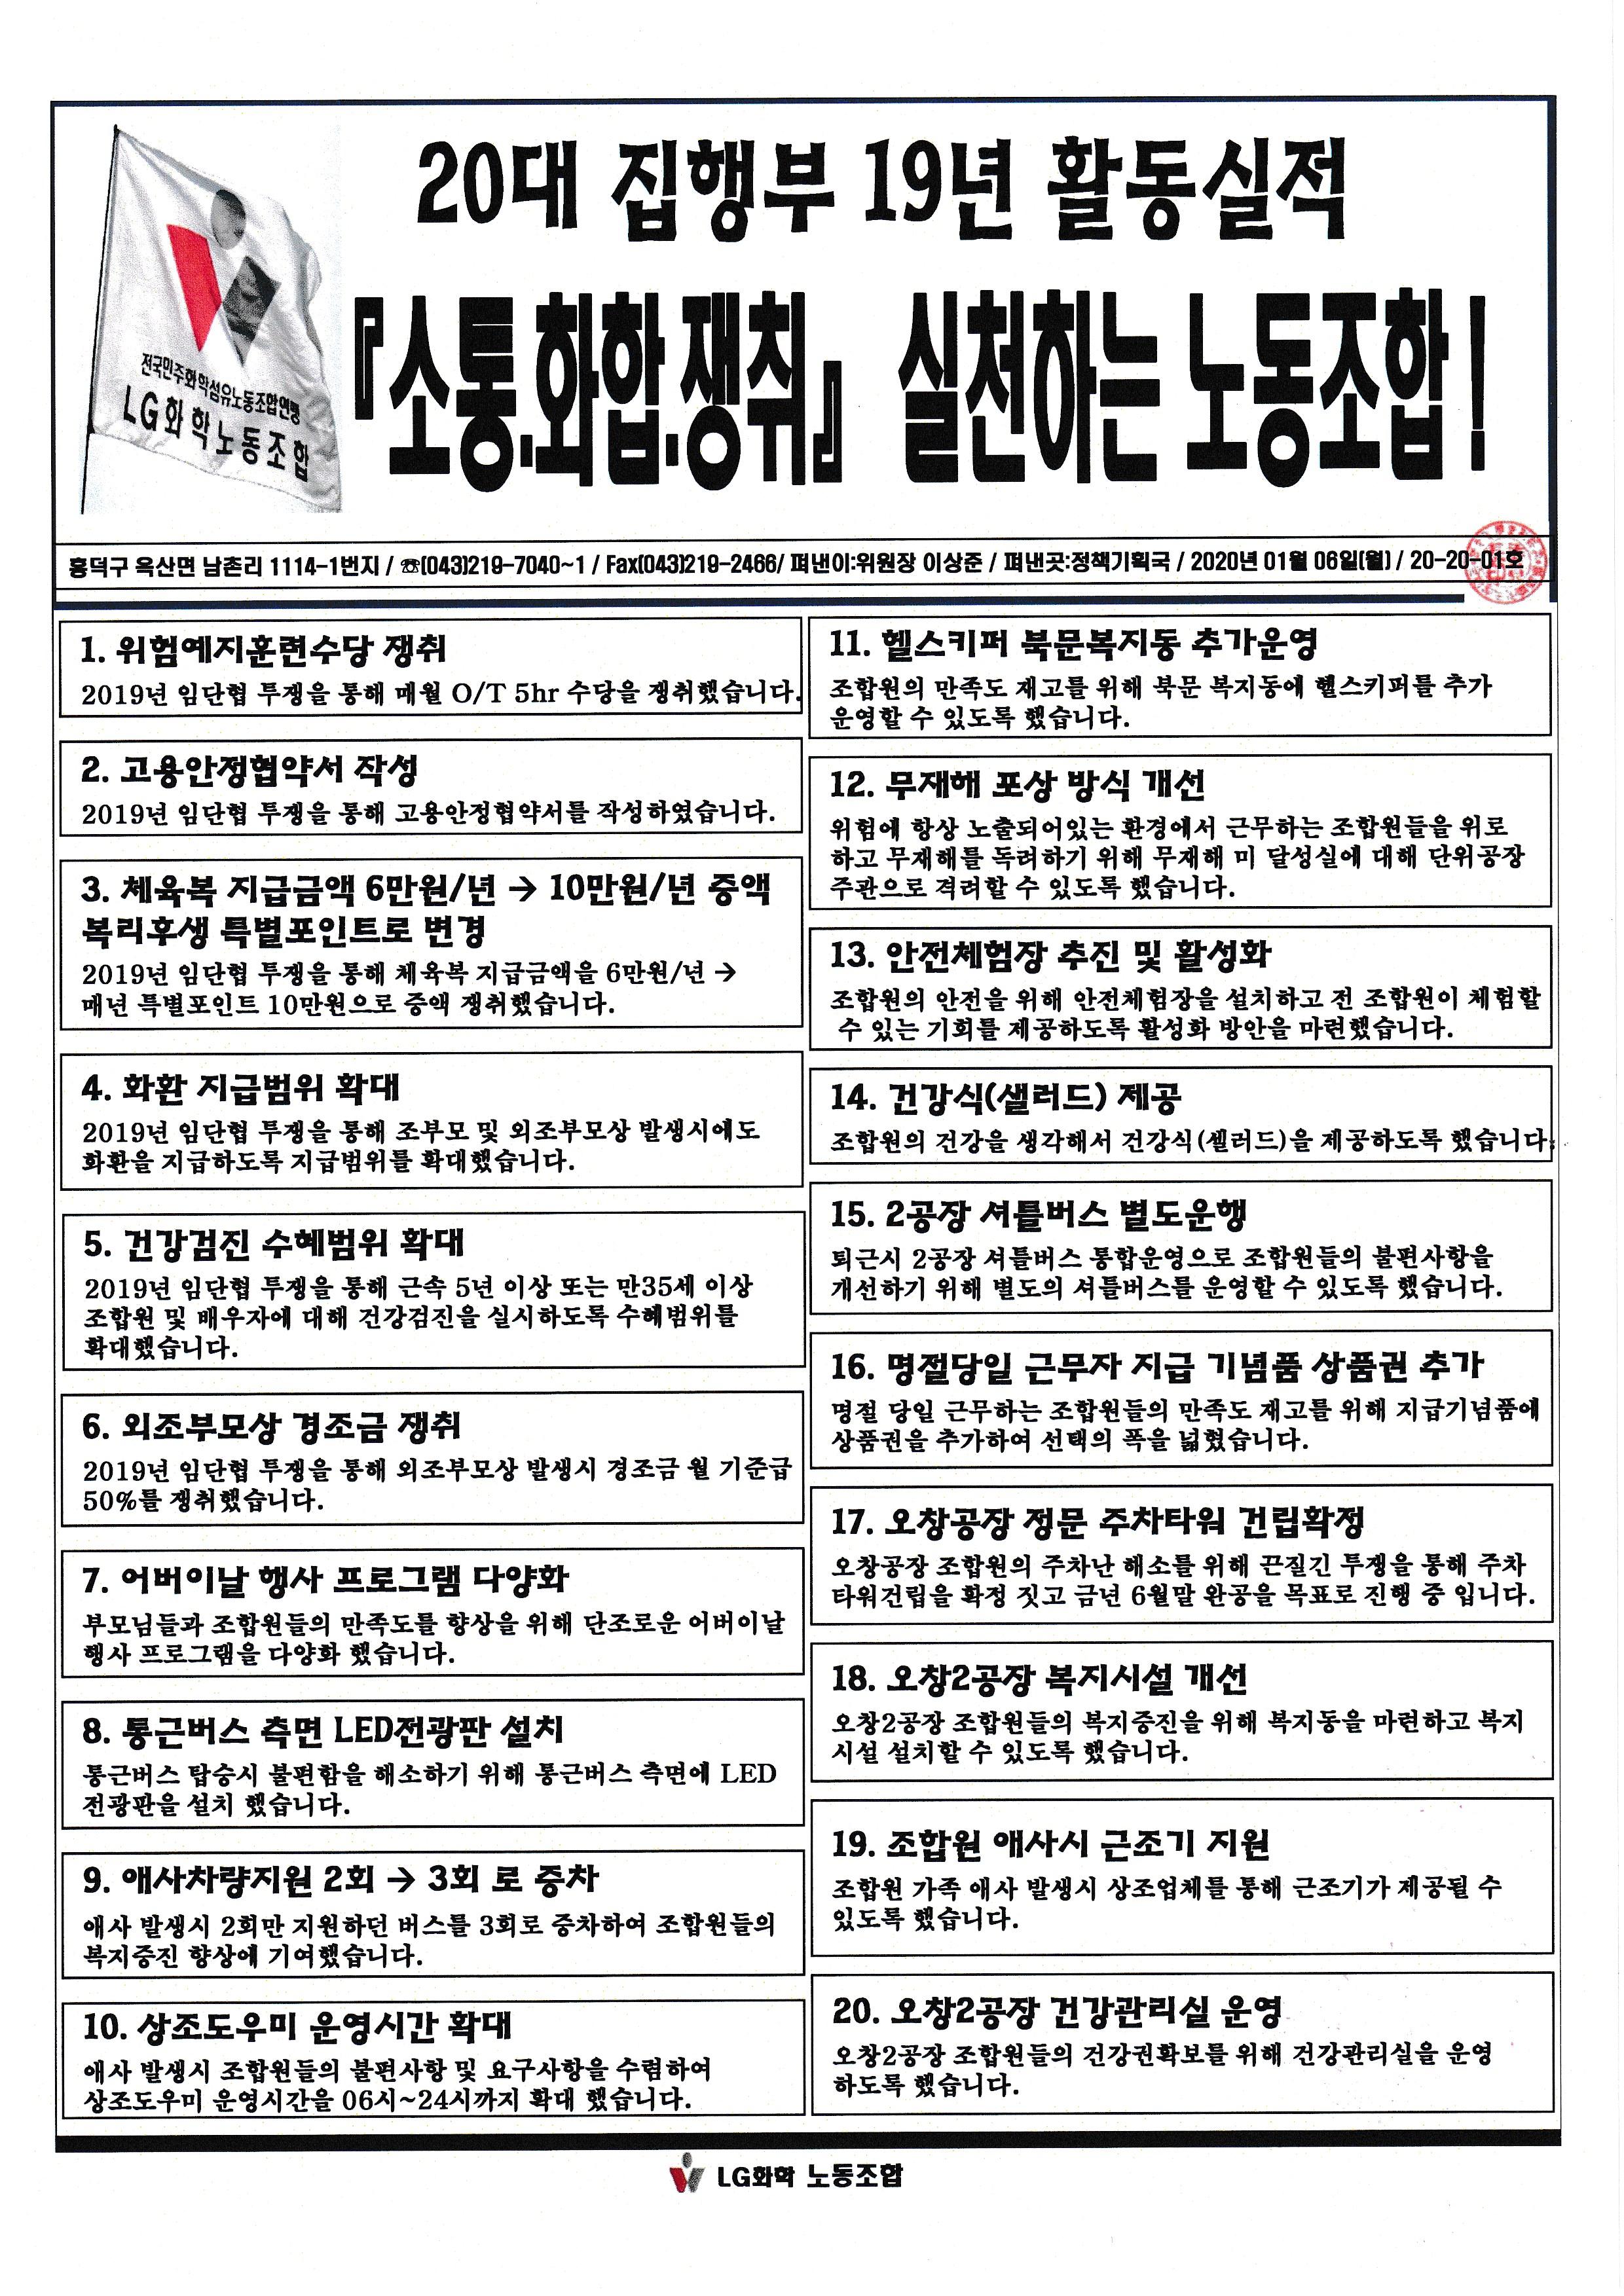 노조소식지 20-01호(20.01.06)